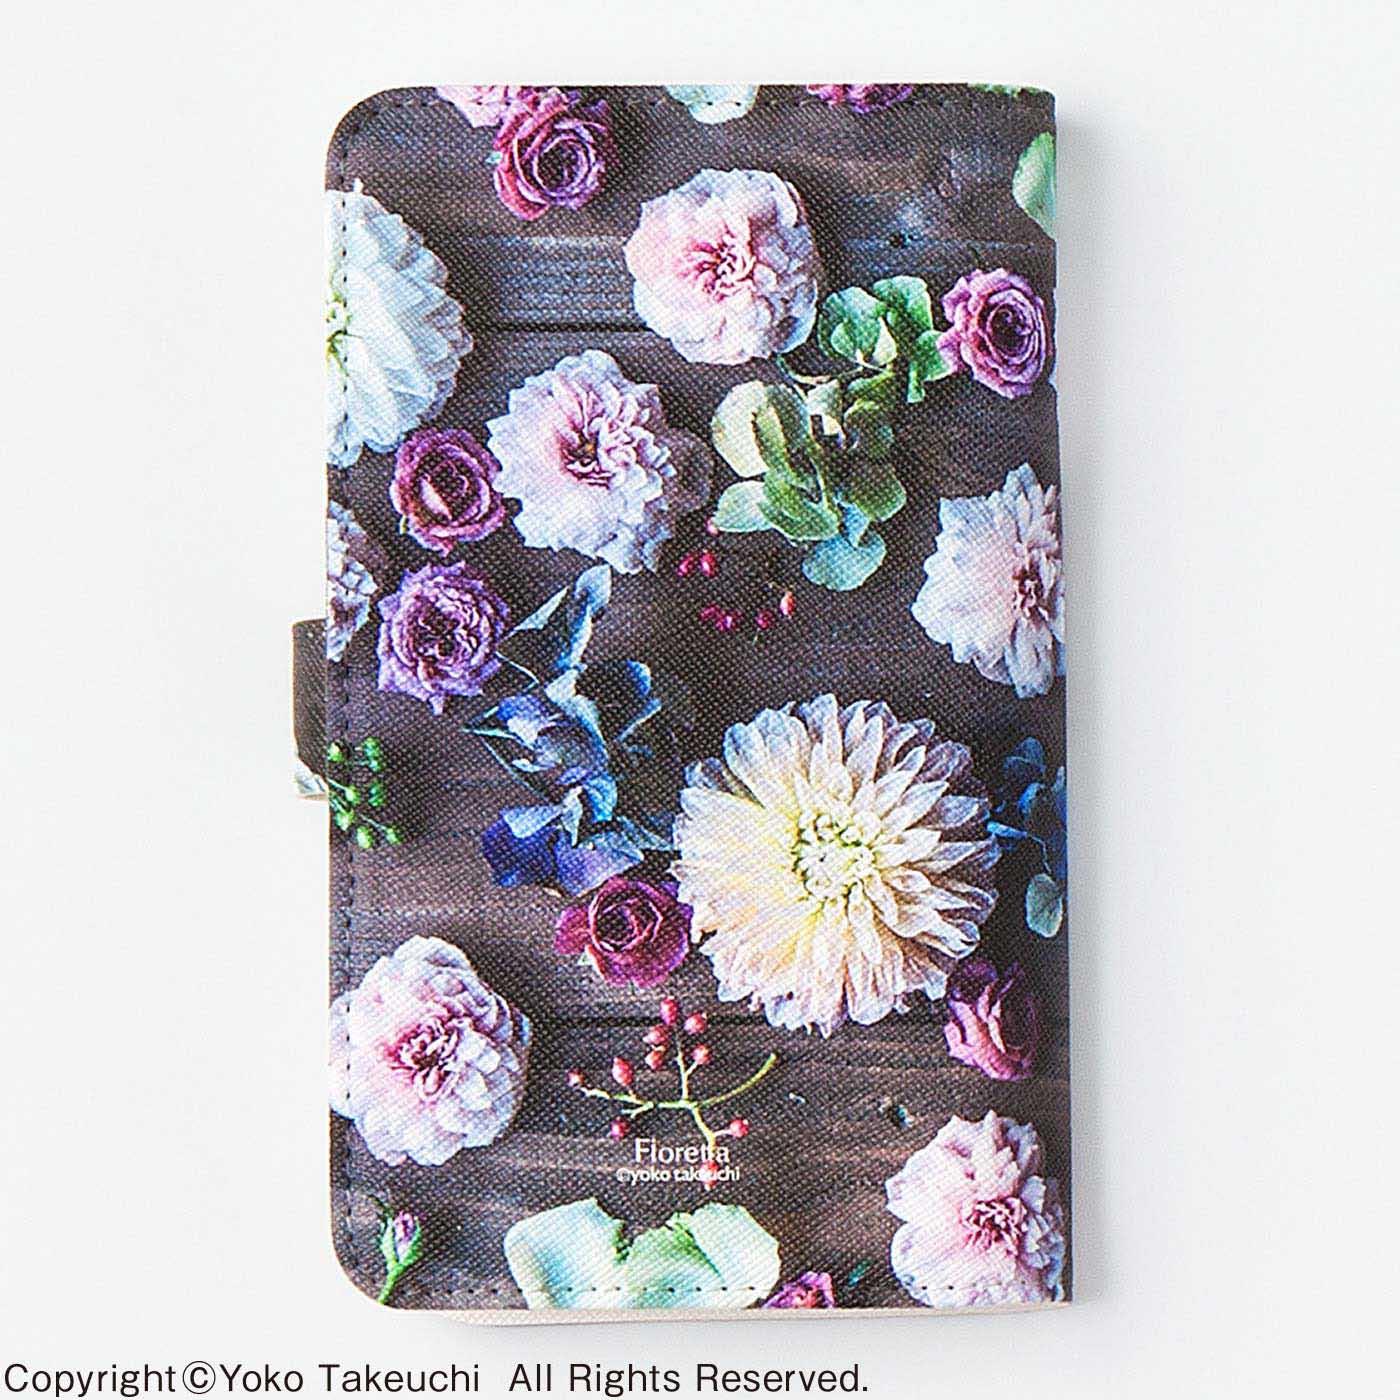 〈ウッディーフラワー〉裏側にまでぐるりと花模様が。